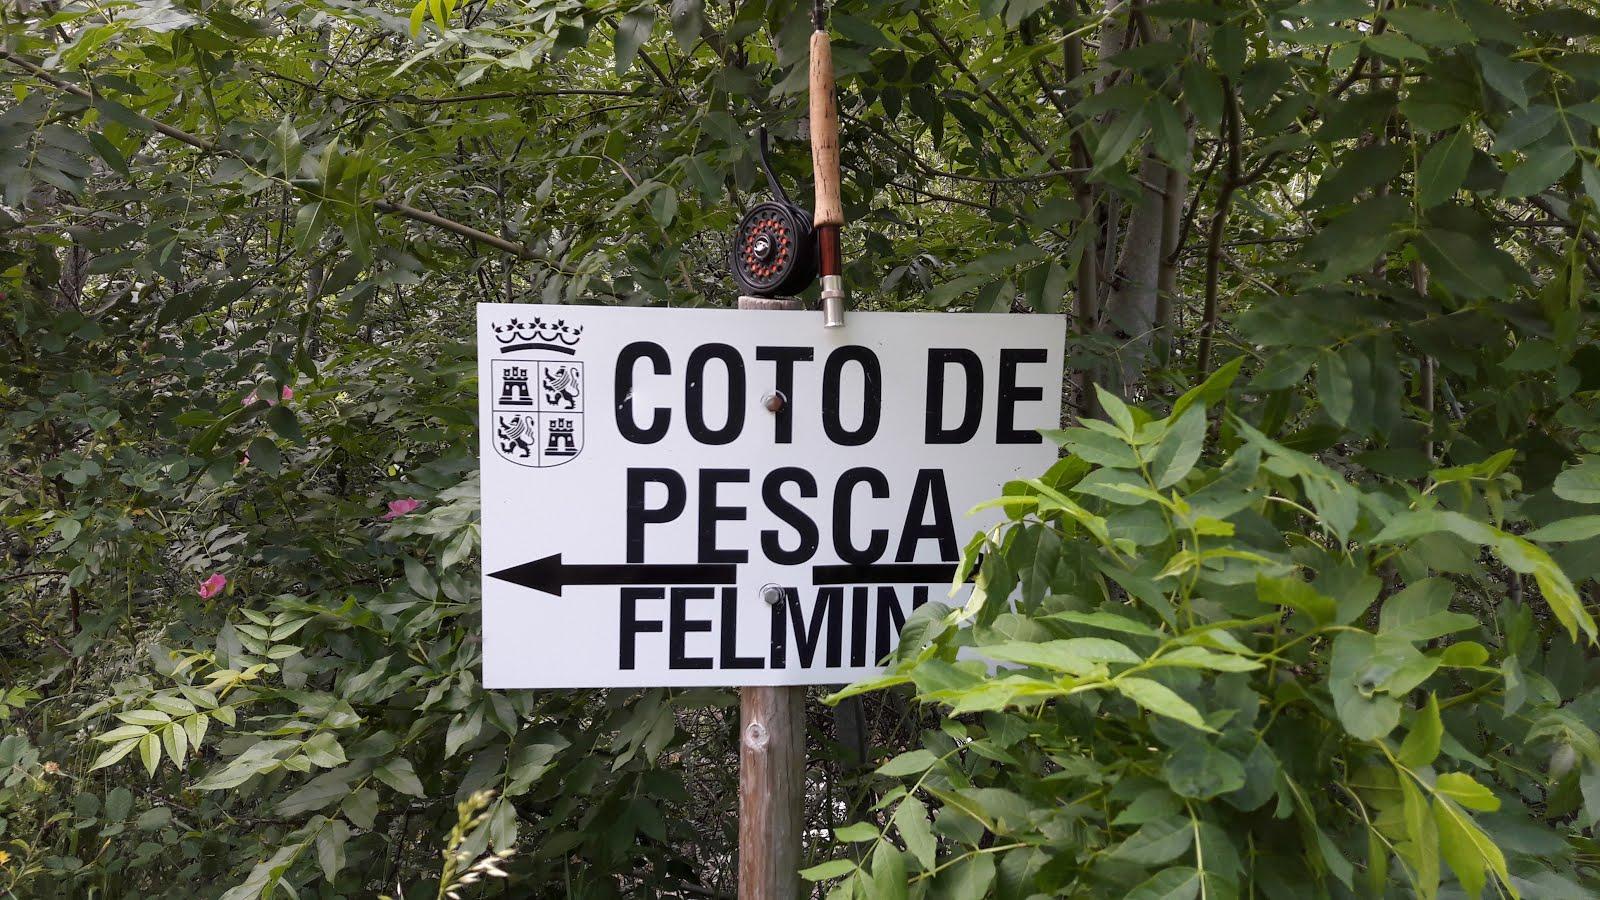 HISTORIA DE UN DÍA DE PESCA  EN EL COTO DE FELMÍN, RÍO TORÍO.